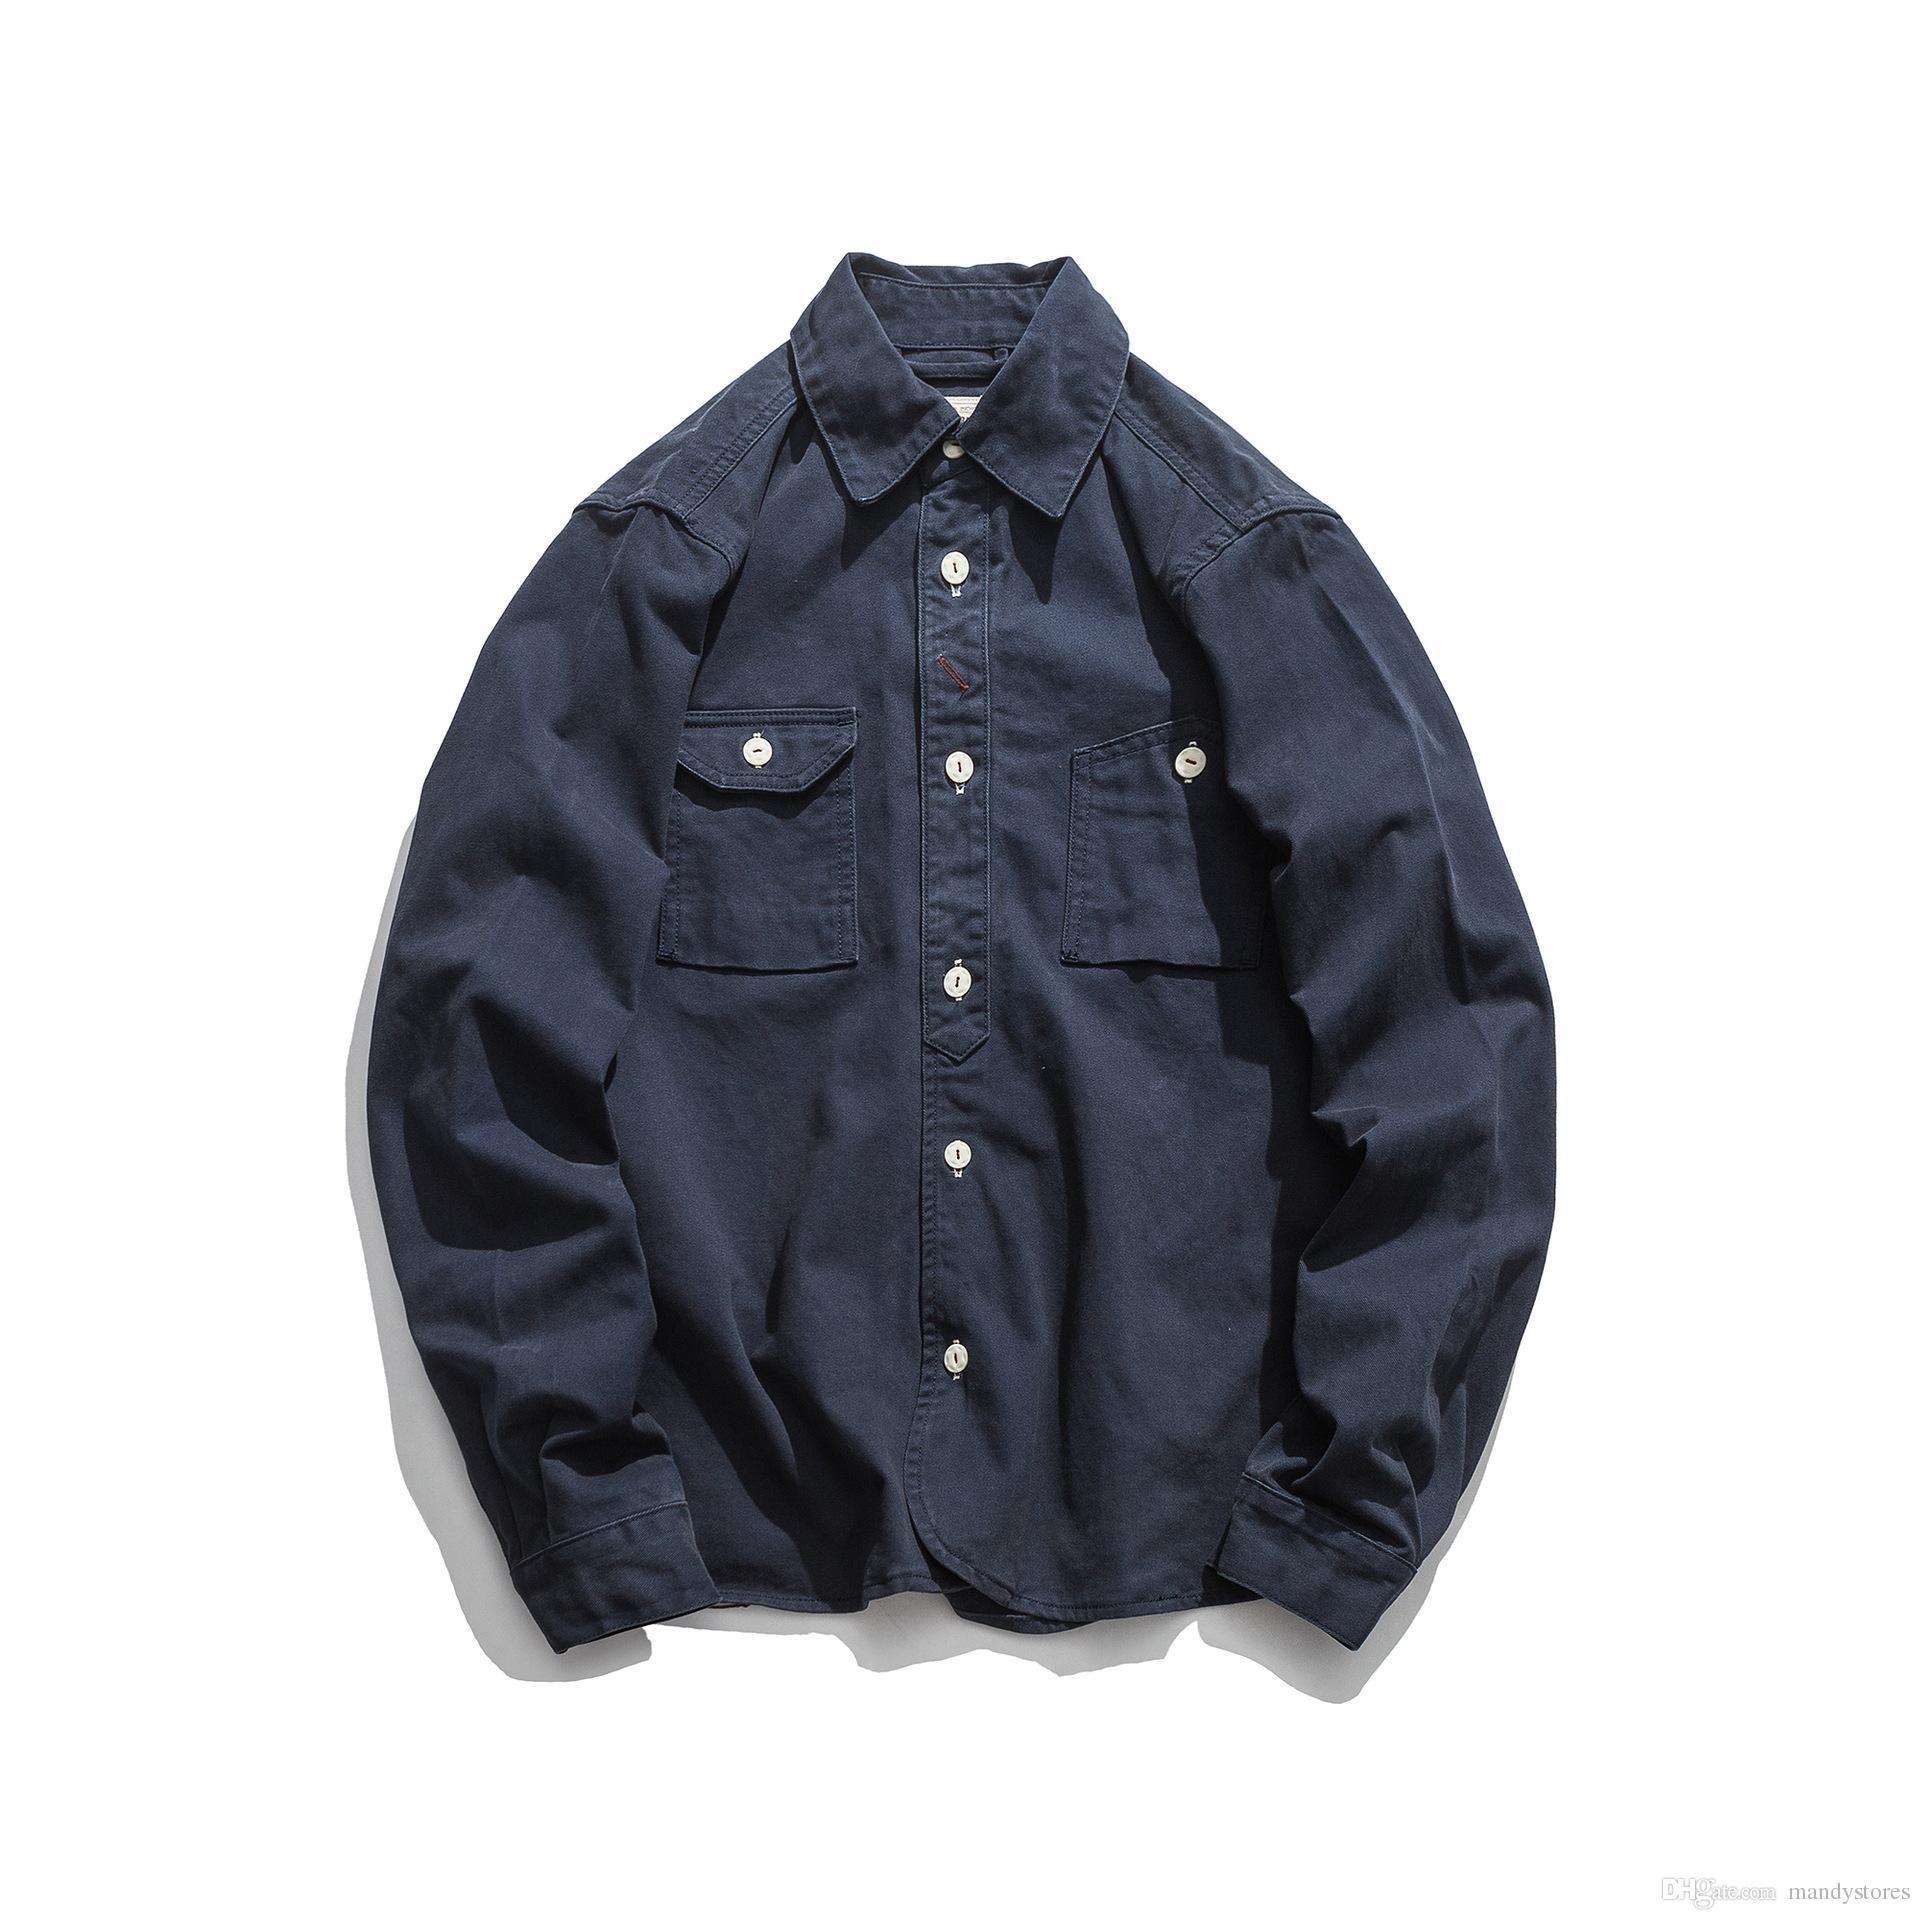 Männer Sommer Quick Dry Bluse Wandern Shirt Abnehmbare FishingJagd Shirt Atmungsaktive Klettern Männlichen Outdoor-Shirts